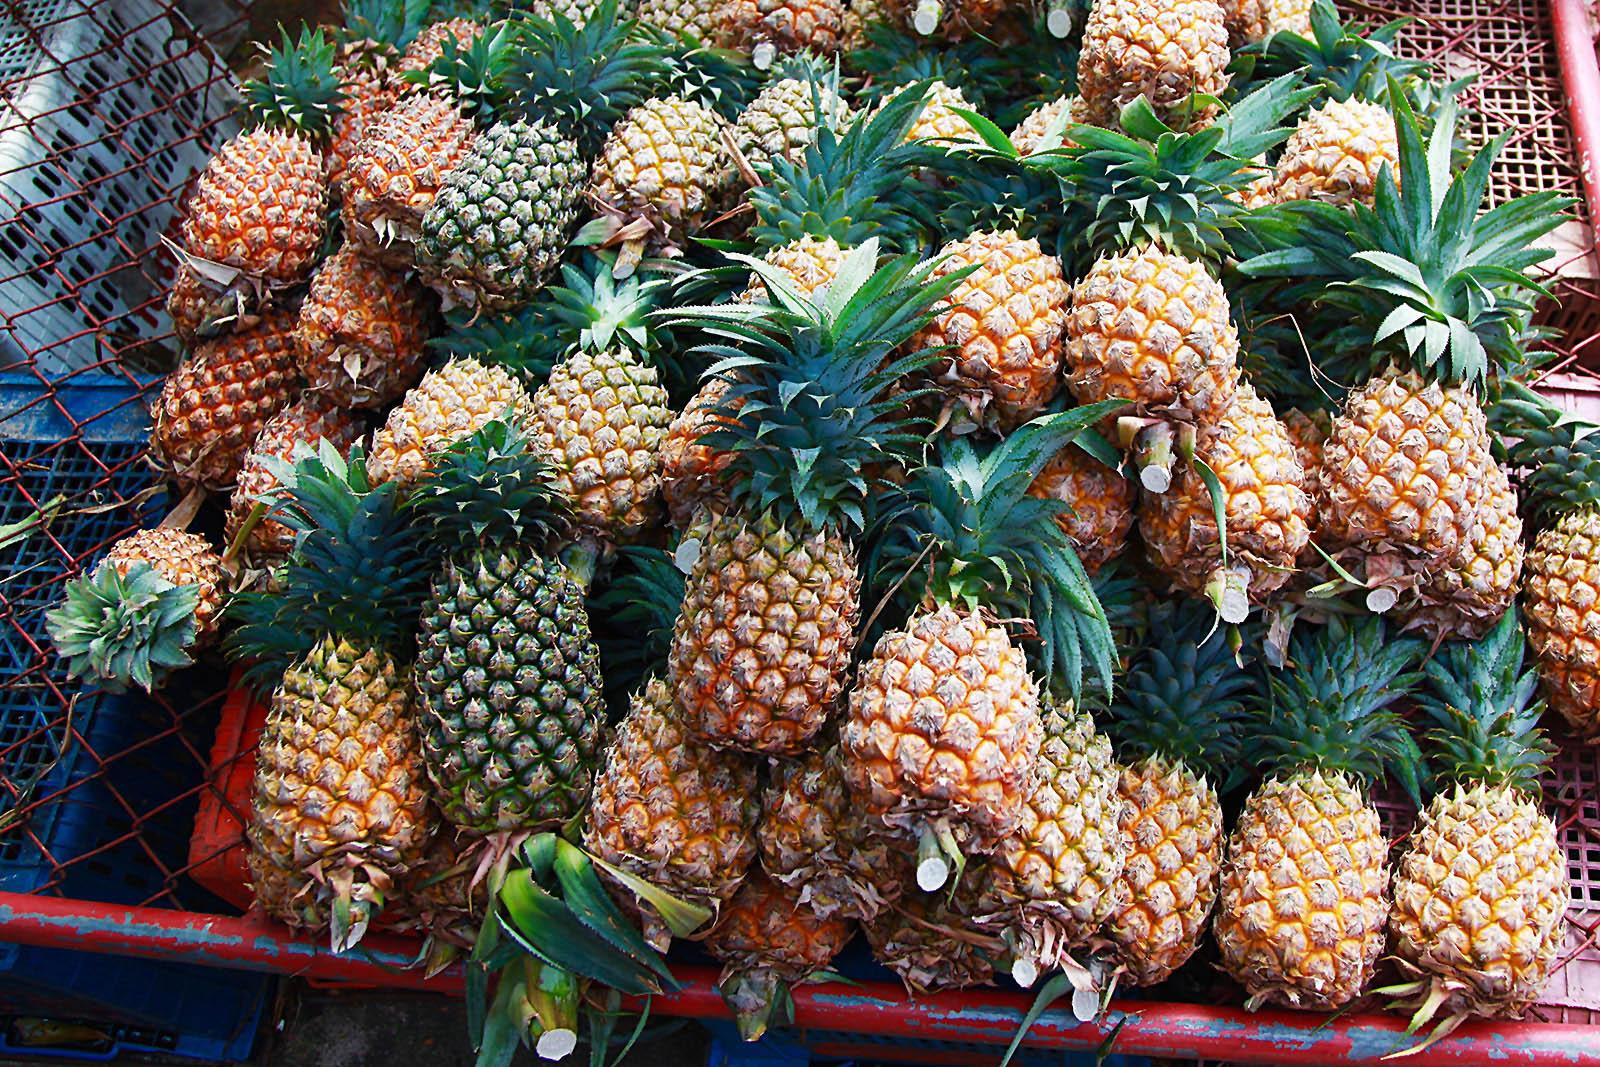 Čerstvý ananas je nezbytným doplněním  červeného kari